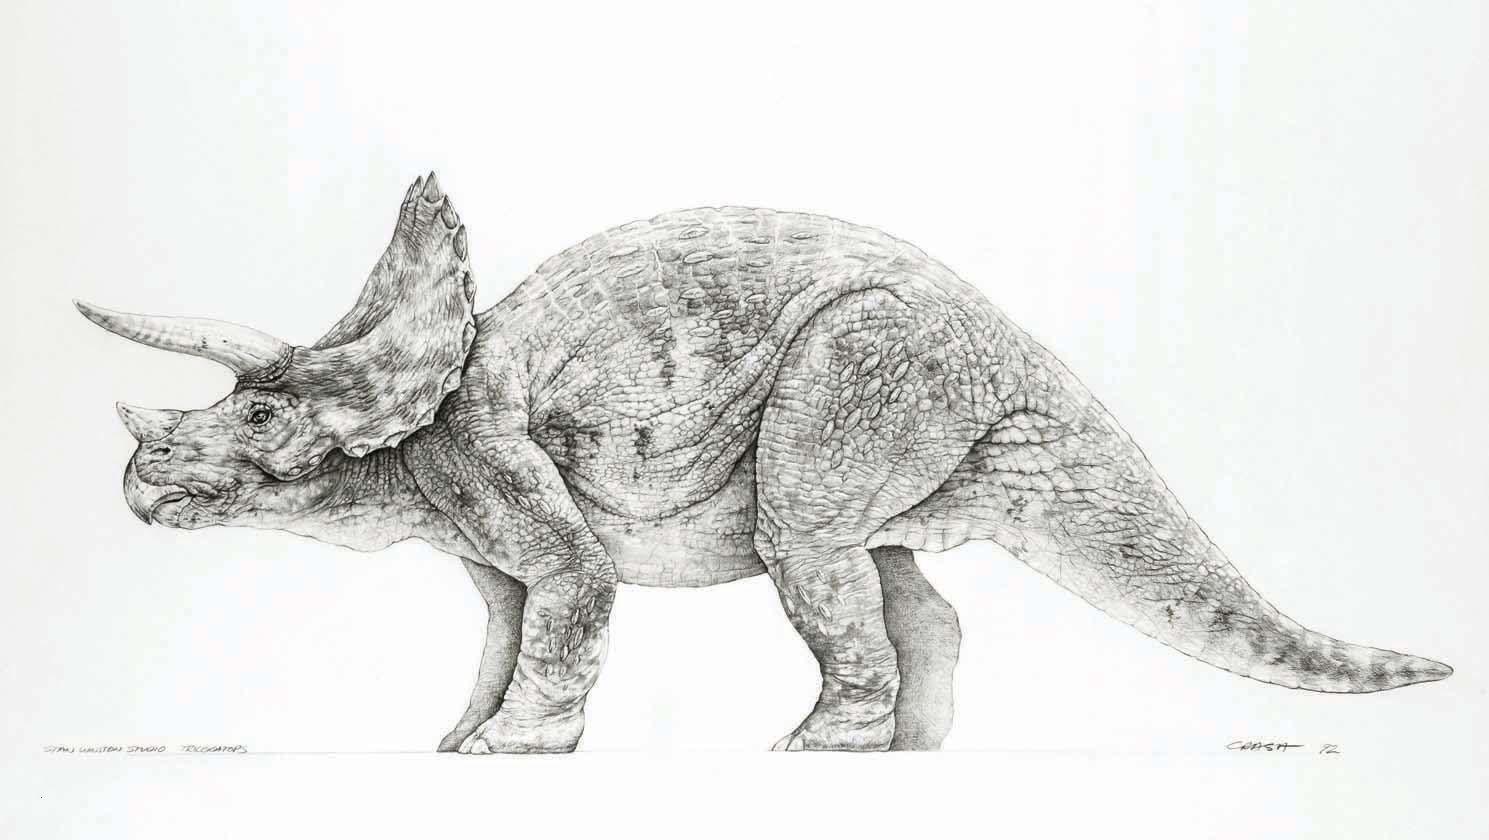 Jurassic Park Ausmalbilder Frisch 30 Ausmalbilder Jurassic World forstergallery Galerie